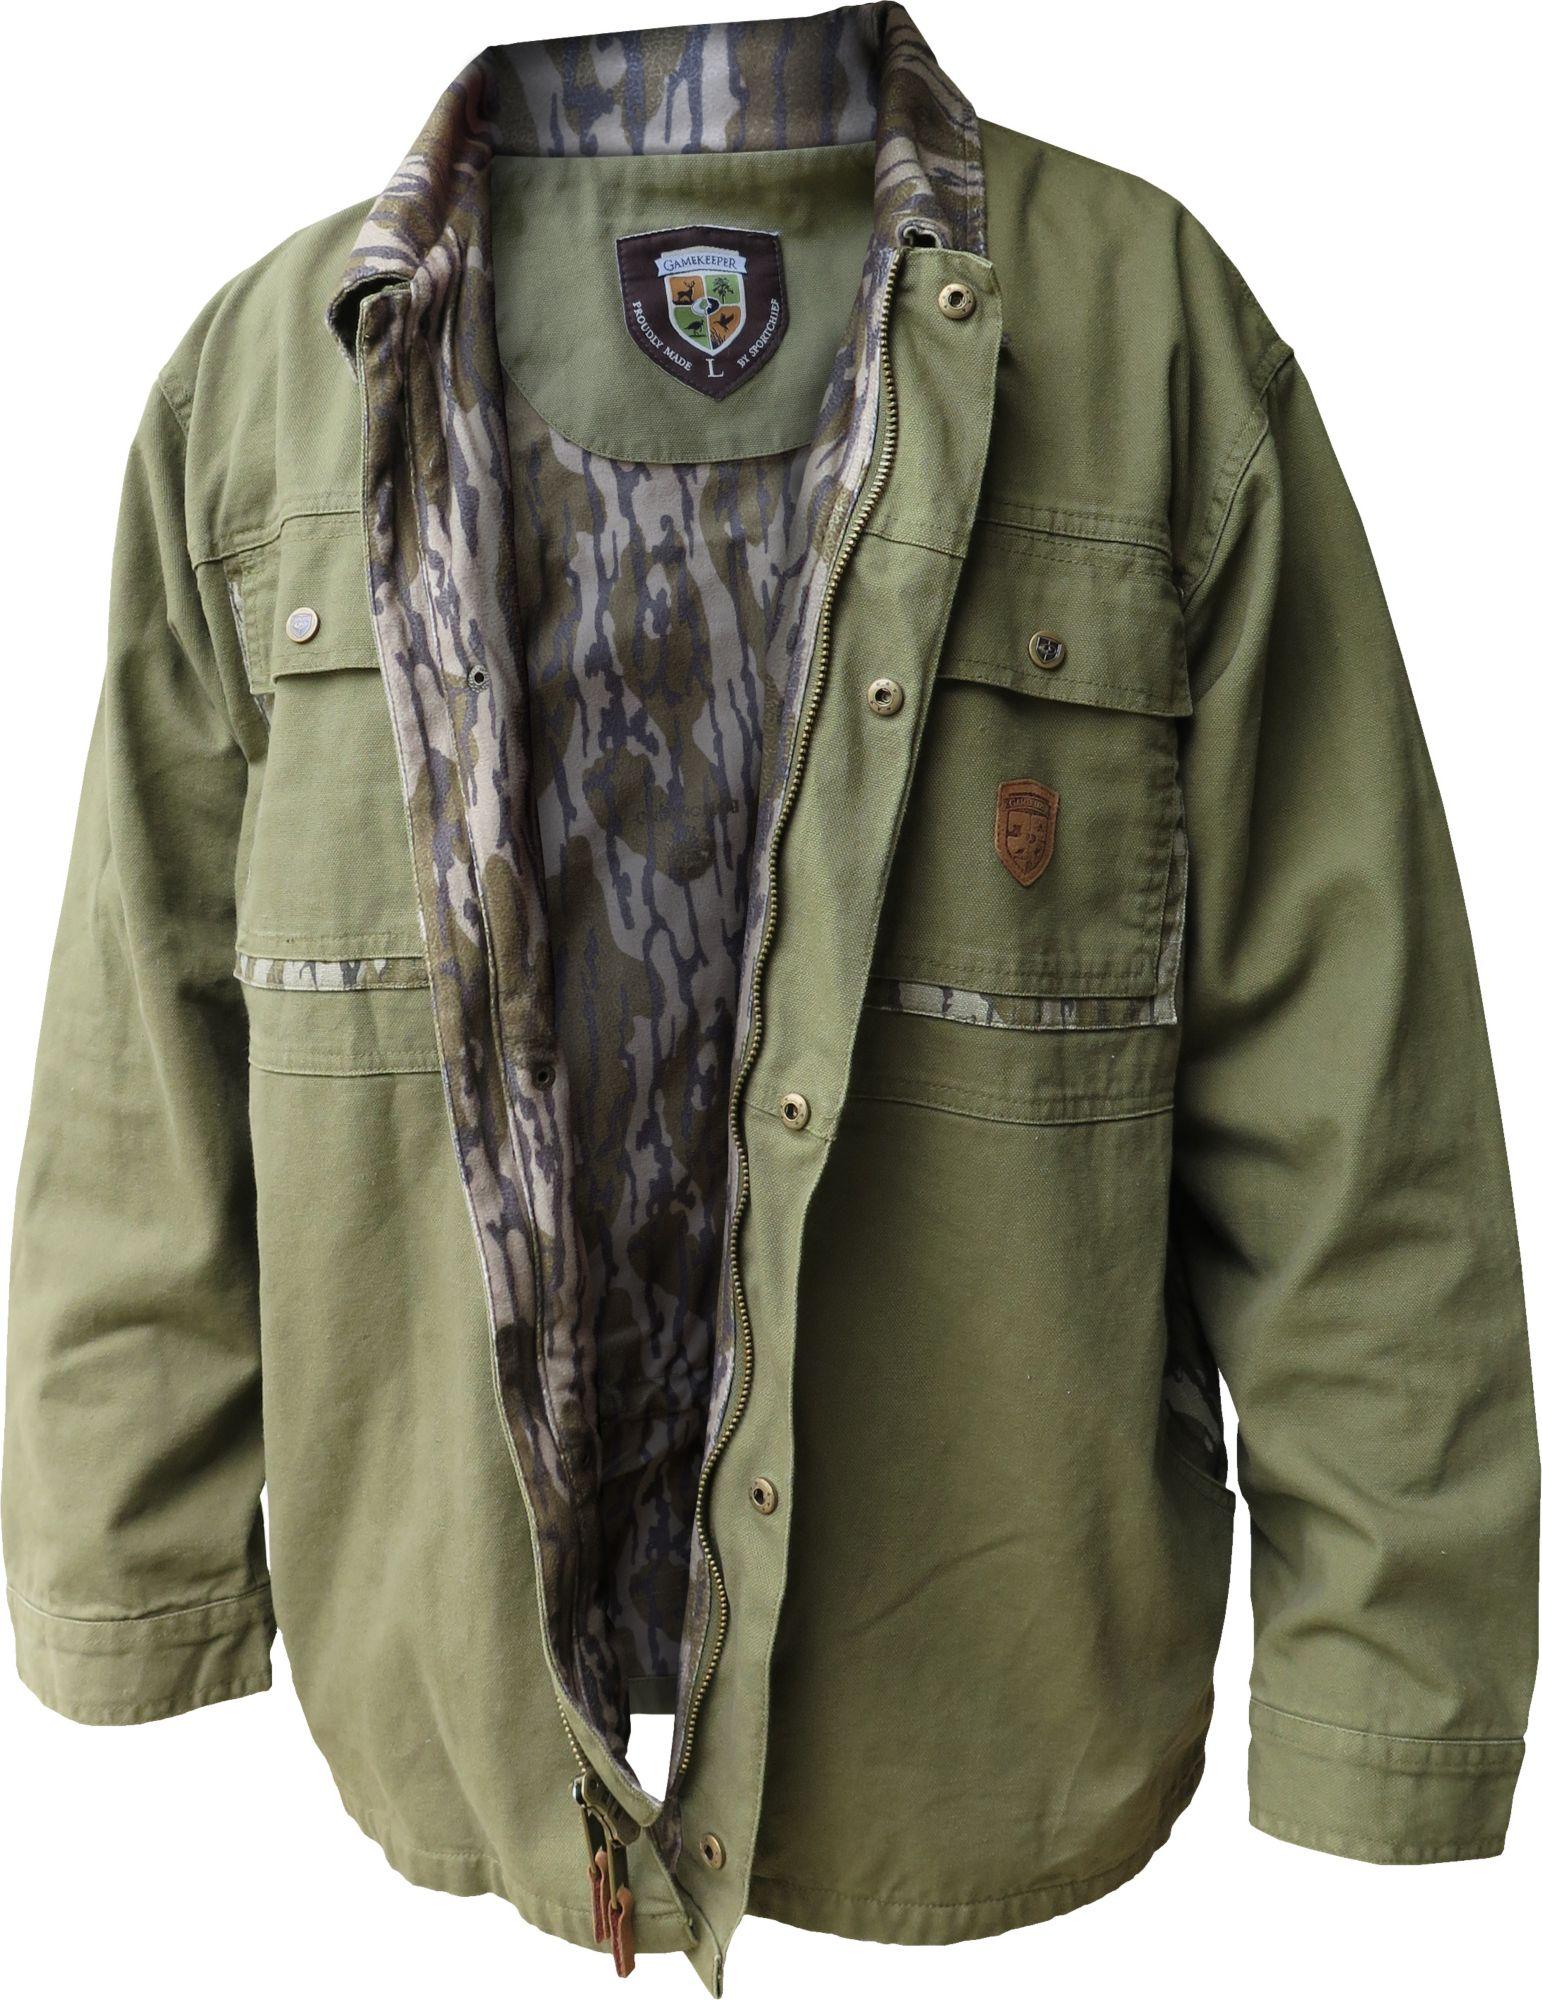 GameKeepers Men's Field Hunting Coat, Size: Medium, Brown